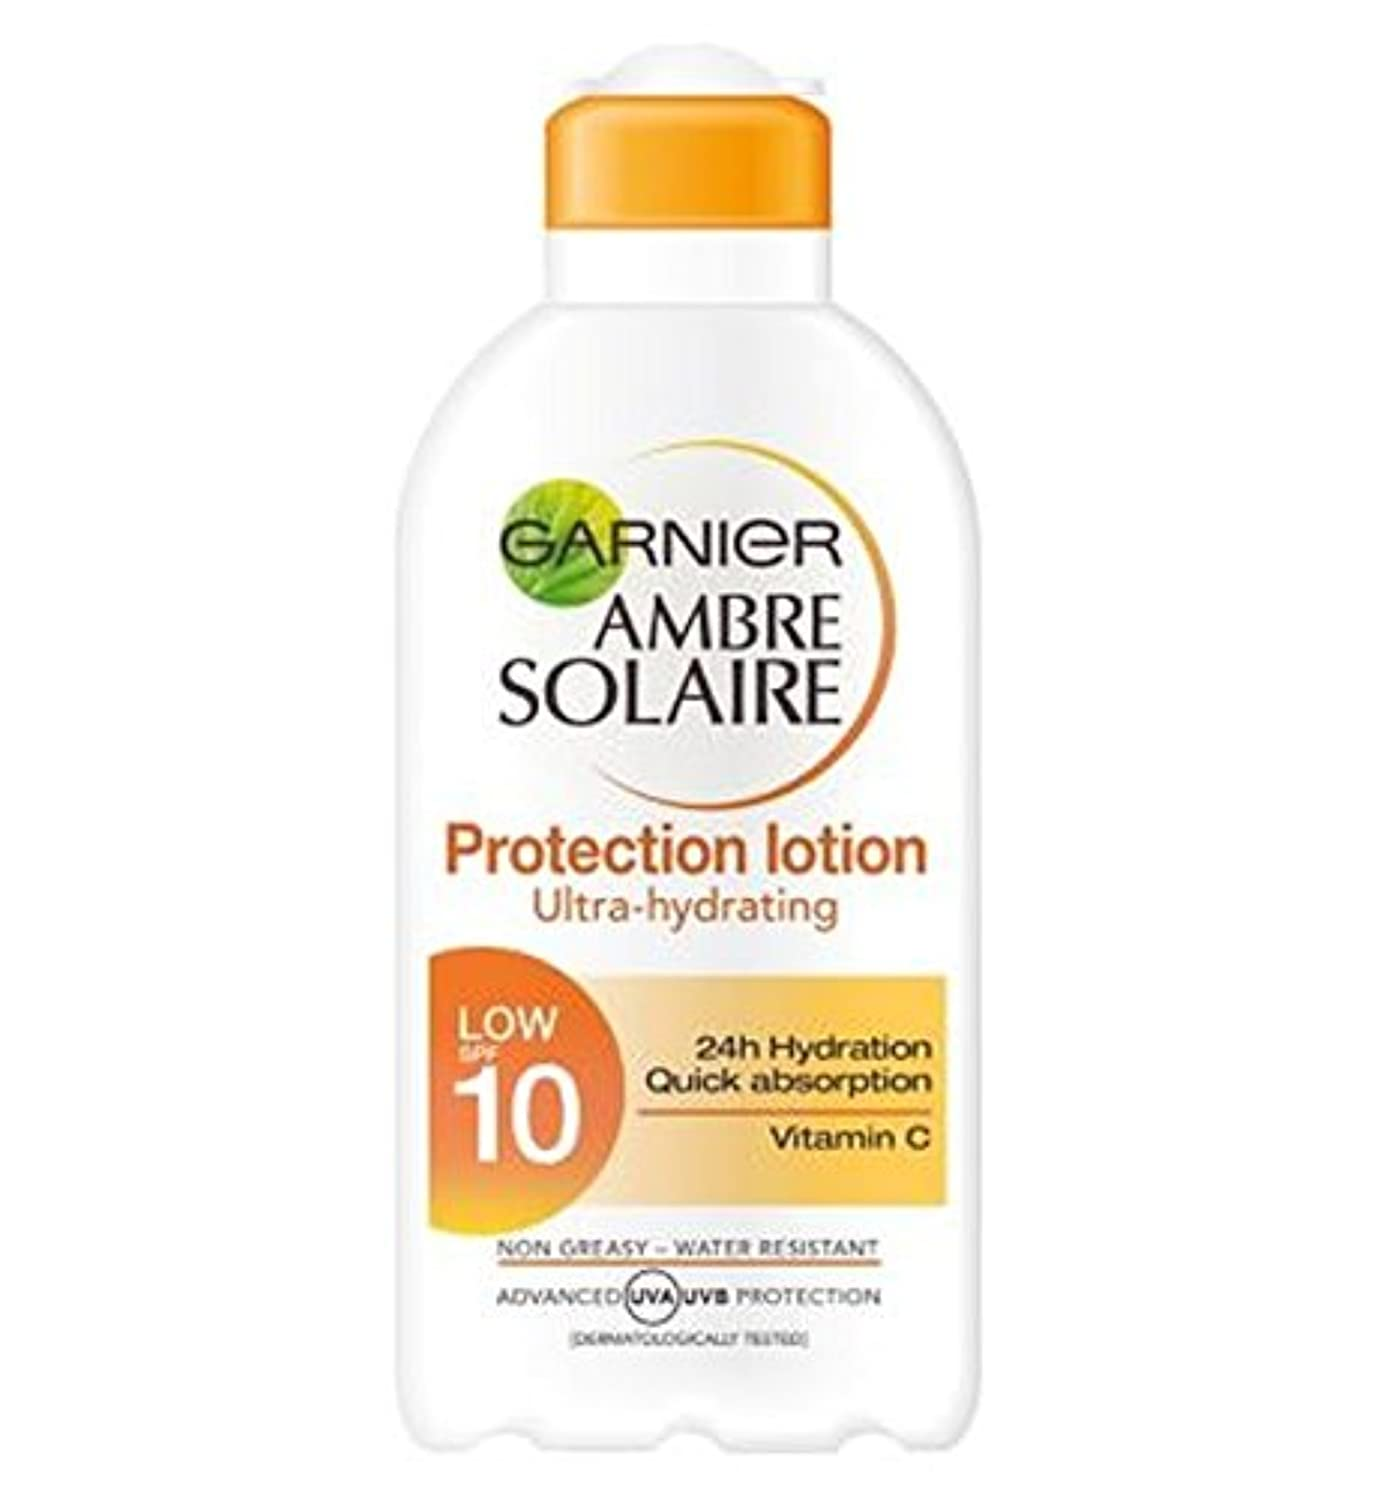 選出する科学的破壊ガルニエアンブレSolaire保護ローションSpf10の200ミリリットル (Garnier) (x2) - Garnier Ambre Solaire Protection Lotion SPF10 200ml (Pack of 2) [並行輸入品]